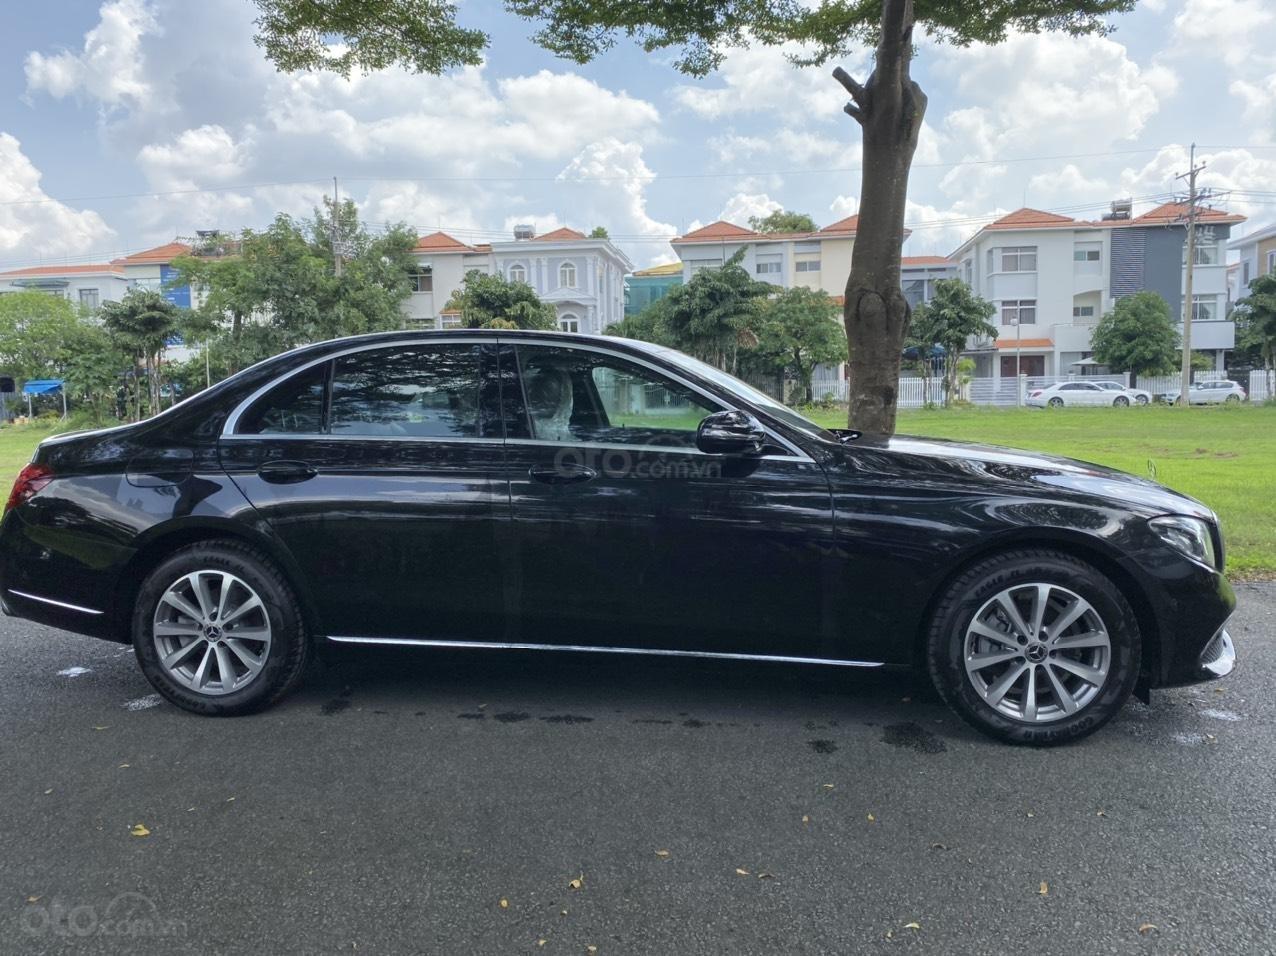 Thanh lý Mercedes E200 2019 màu đen, chạy 10km, giá cực tốt bảo hành 5 năm (4)